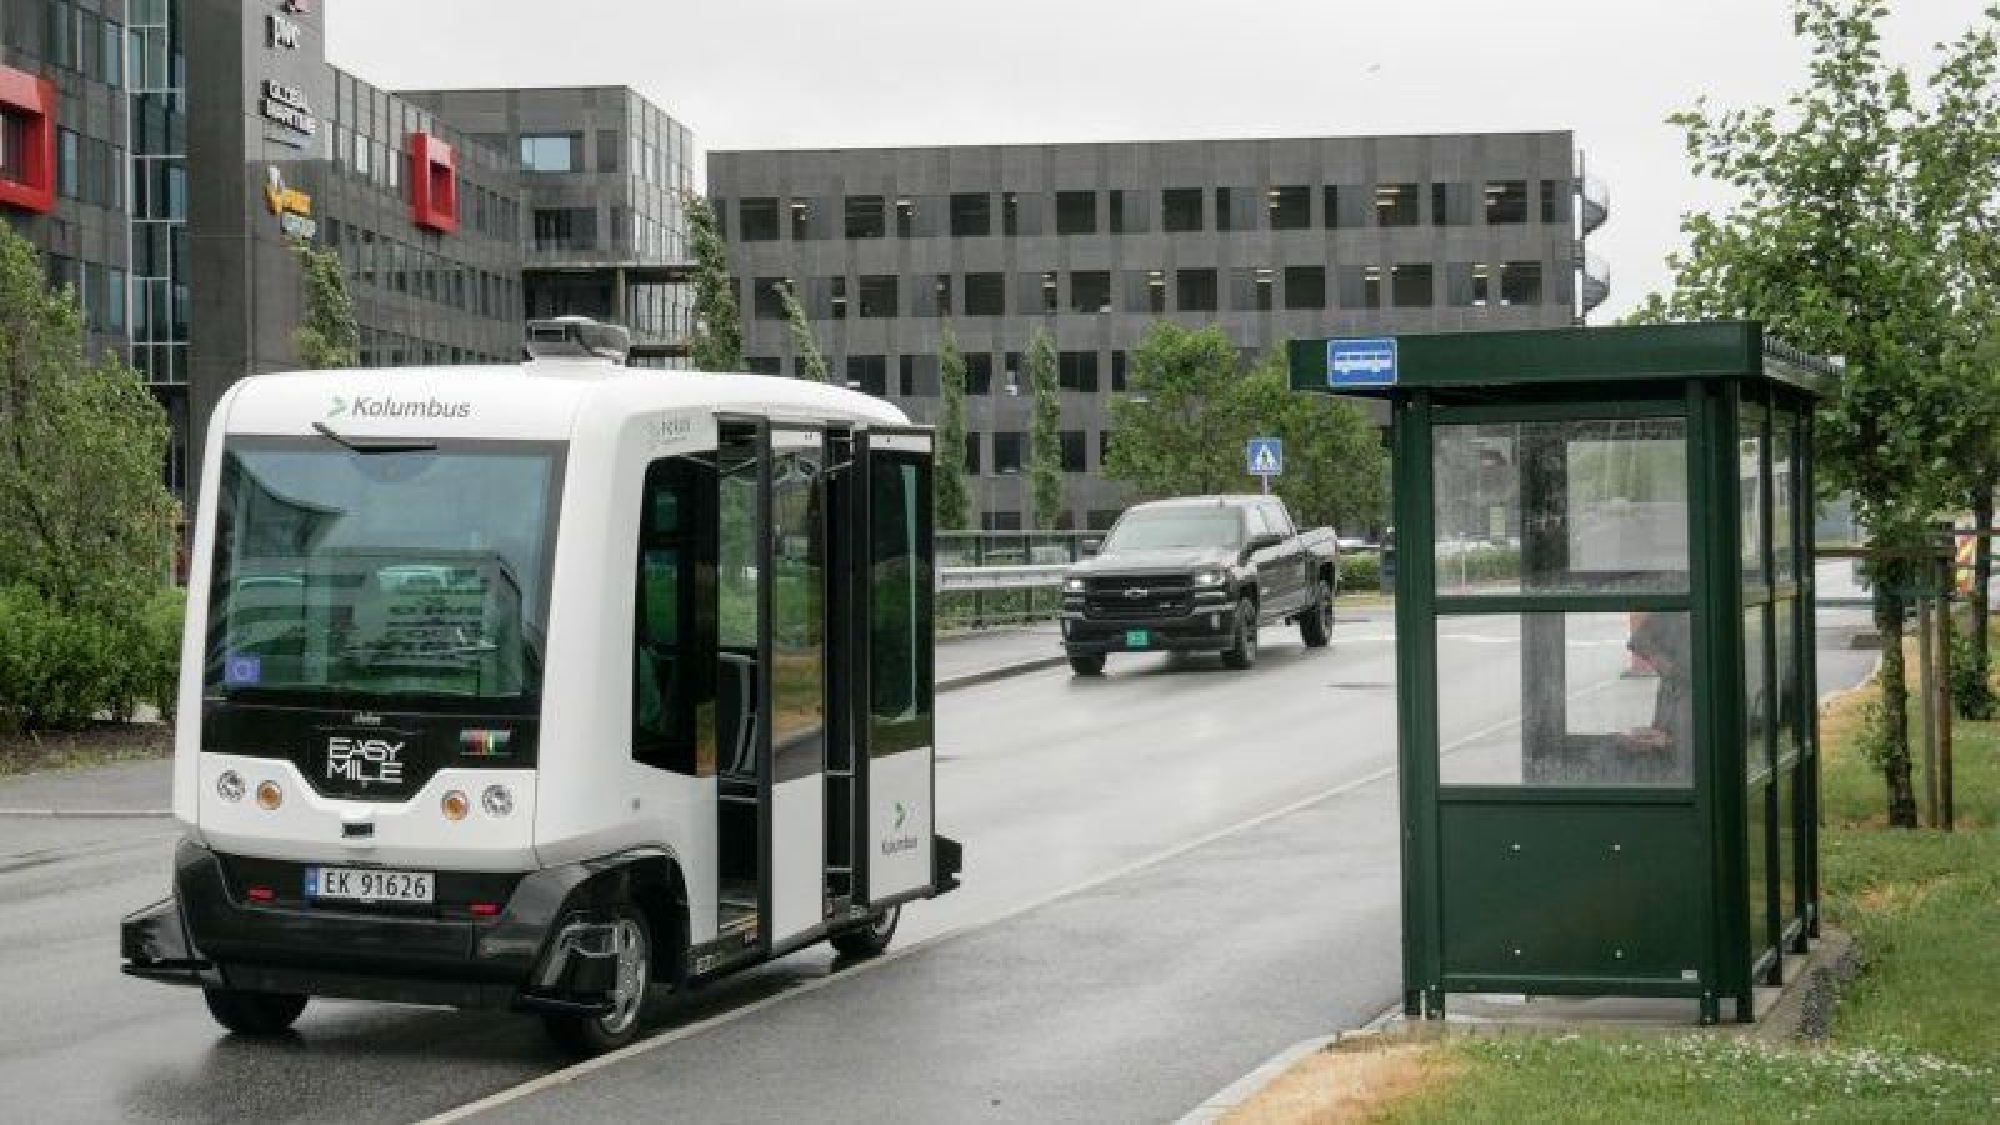 Her kjører den selvkjørende bussen i trafikk på Forus, som den første i Norge. Med en maksfart på 12 kilometer i timen opplever operatøren stadig vekk at bilister tar stygge forbikjøringer, som fører til at bussen automatisk bråbremser.